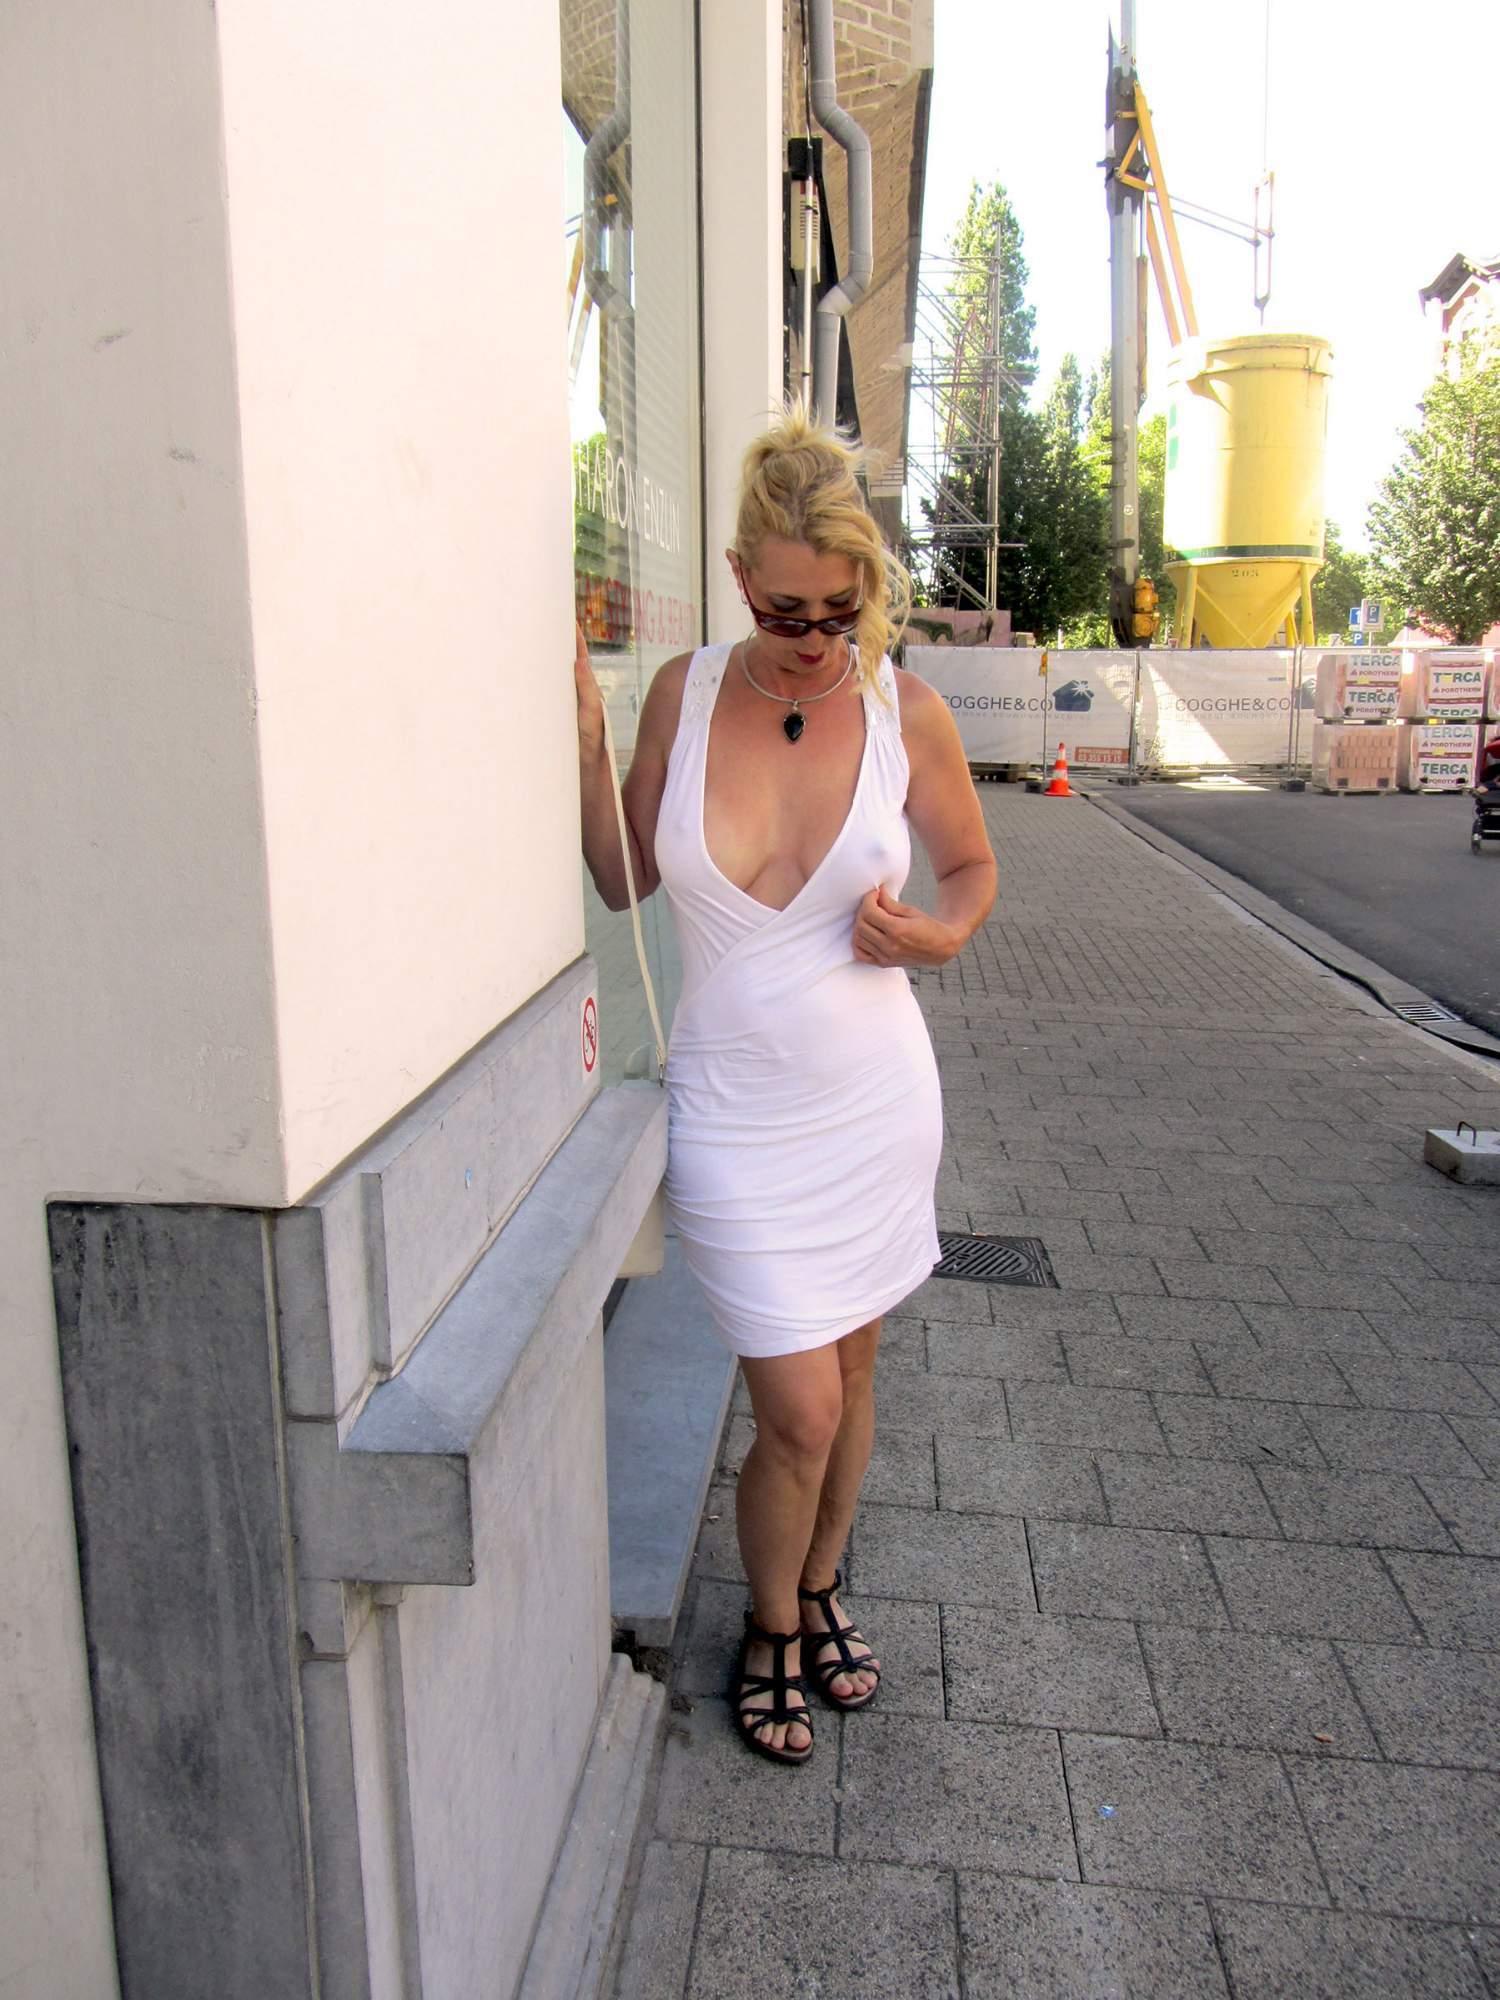 http://img24.rajce.idnes.cz/d2402/13/13133/13133717_9c6391c5702f90347cd7f2ea12218ba5/images/64.jpg